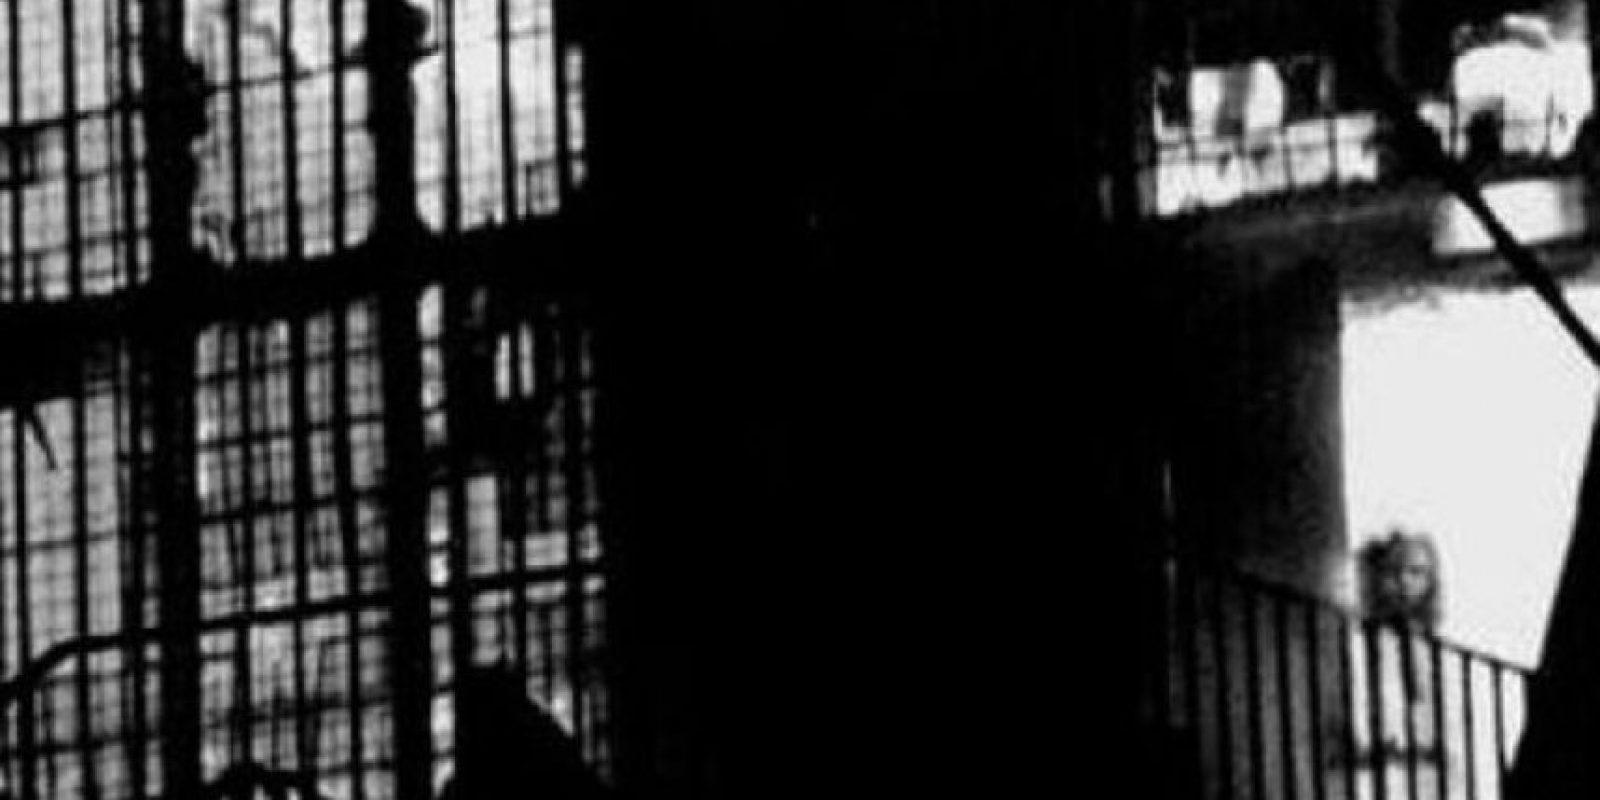 El fantasma de la niña del incendio: En los años 90, hubo un incendio en Shropshire, en el Ayuntamiento. Tony O' Rahilly tomó unas fotos del edificio, y al revelarlas vio a una muchacha. En el incendio no hubo víctimas. Se dice que era el fantasma de una chica que quemó una casa por accidente y murió. Foto:vía Tom O Rahilly